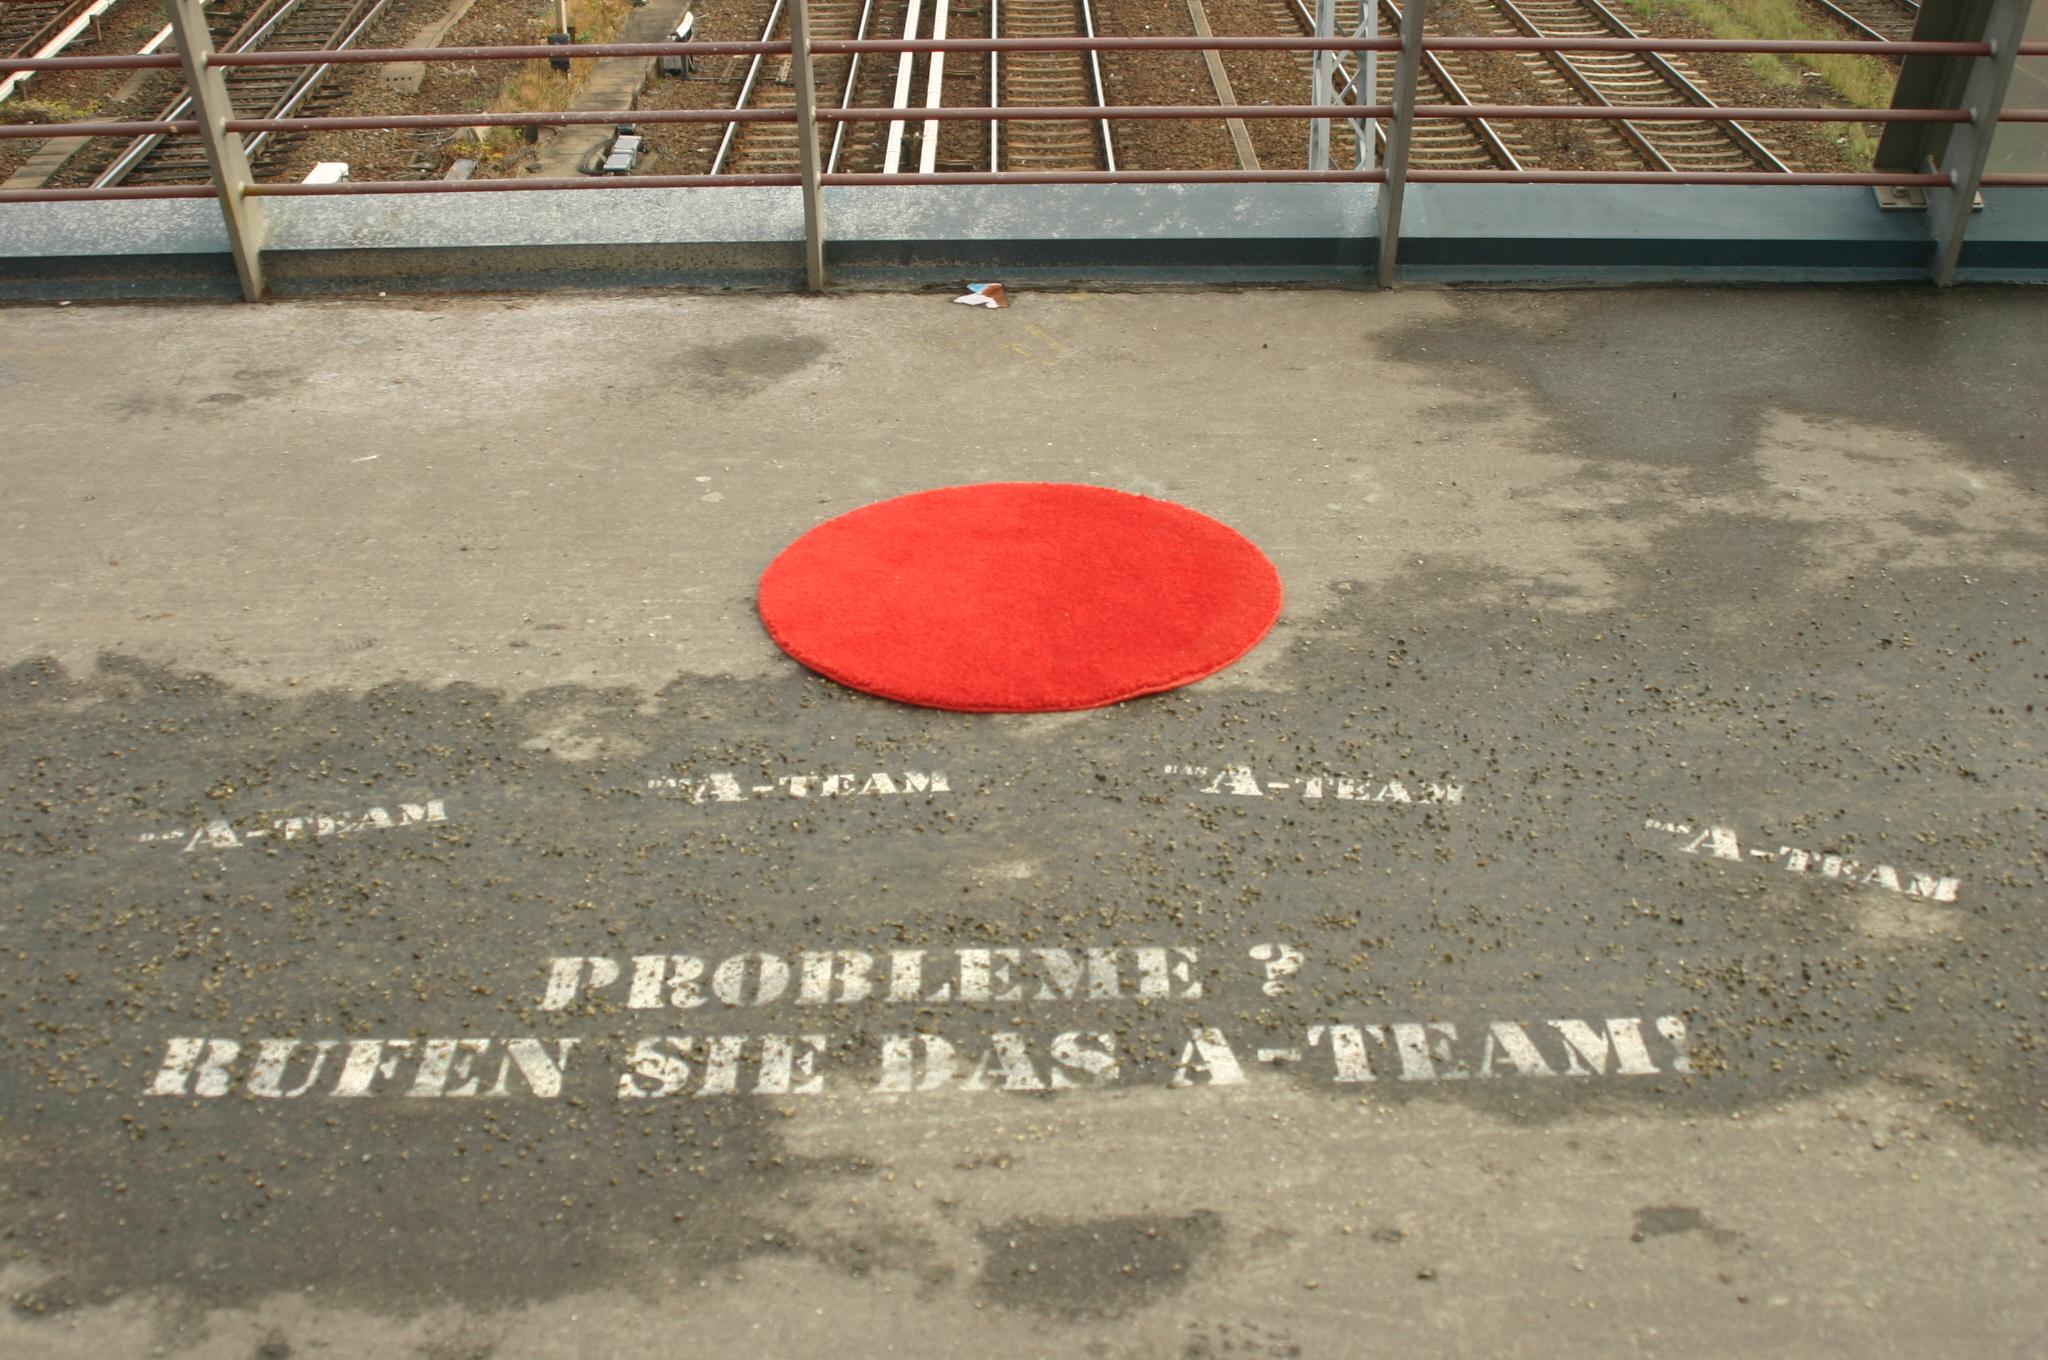 Roter runder Teppich auf der Straße: Probleme? Rufen sie das A-Team